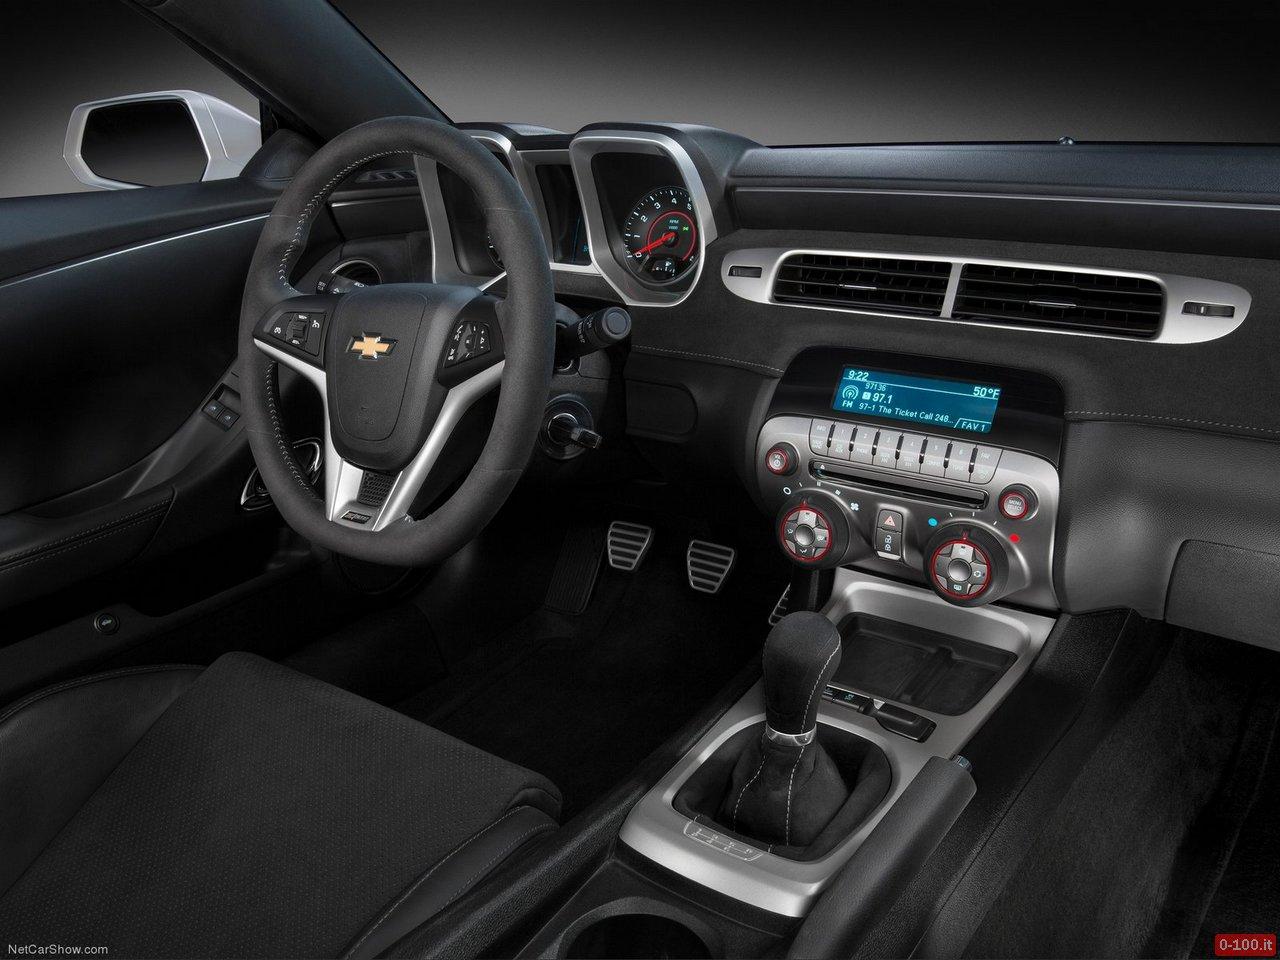 Chevrolet-Camaro_Z28_2014_1600x1200_wallpaper_13 (1)